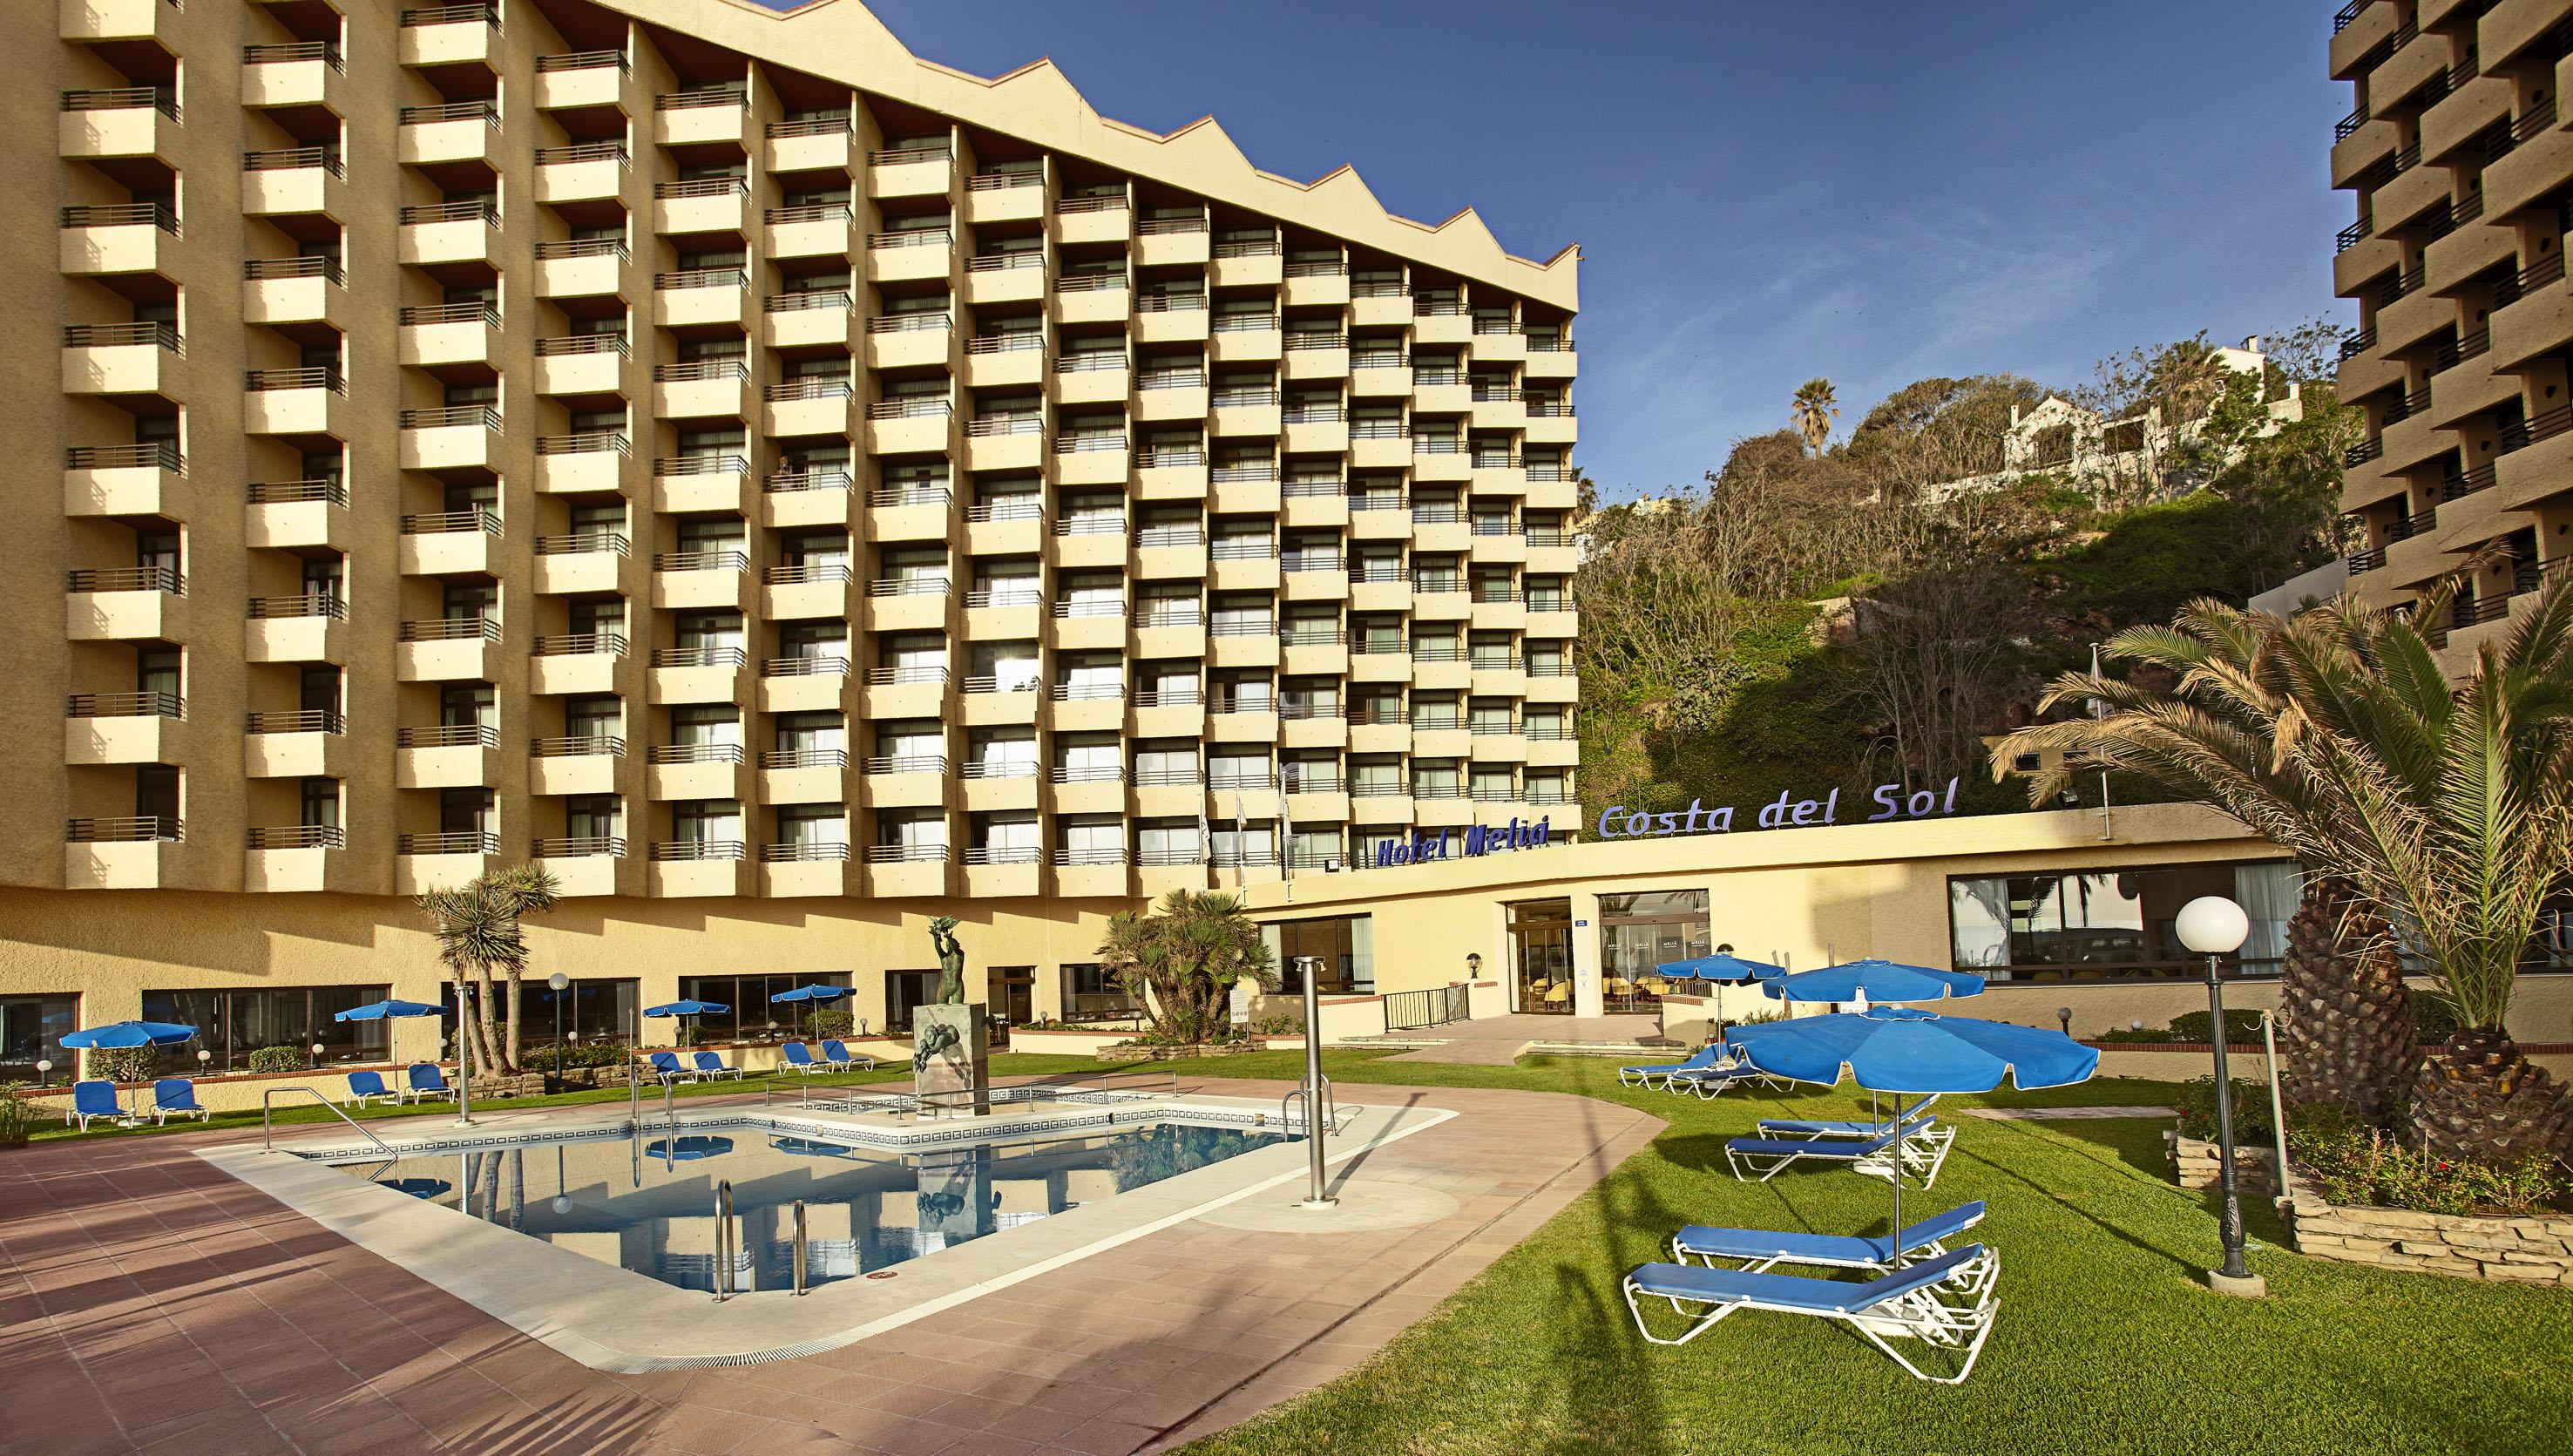 Фото отеля Melia Costa del Sol 4*